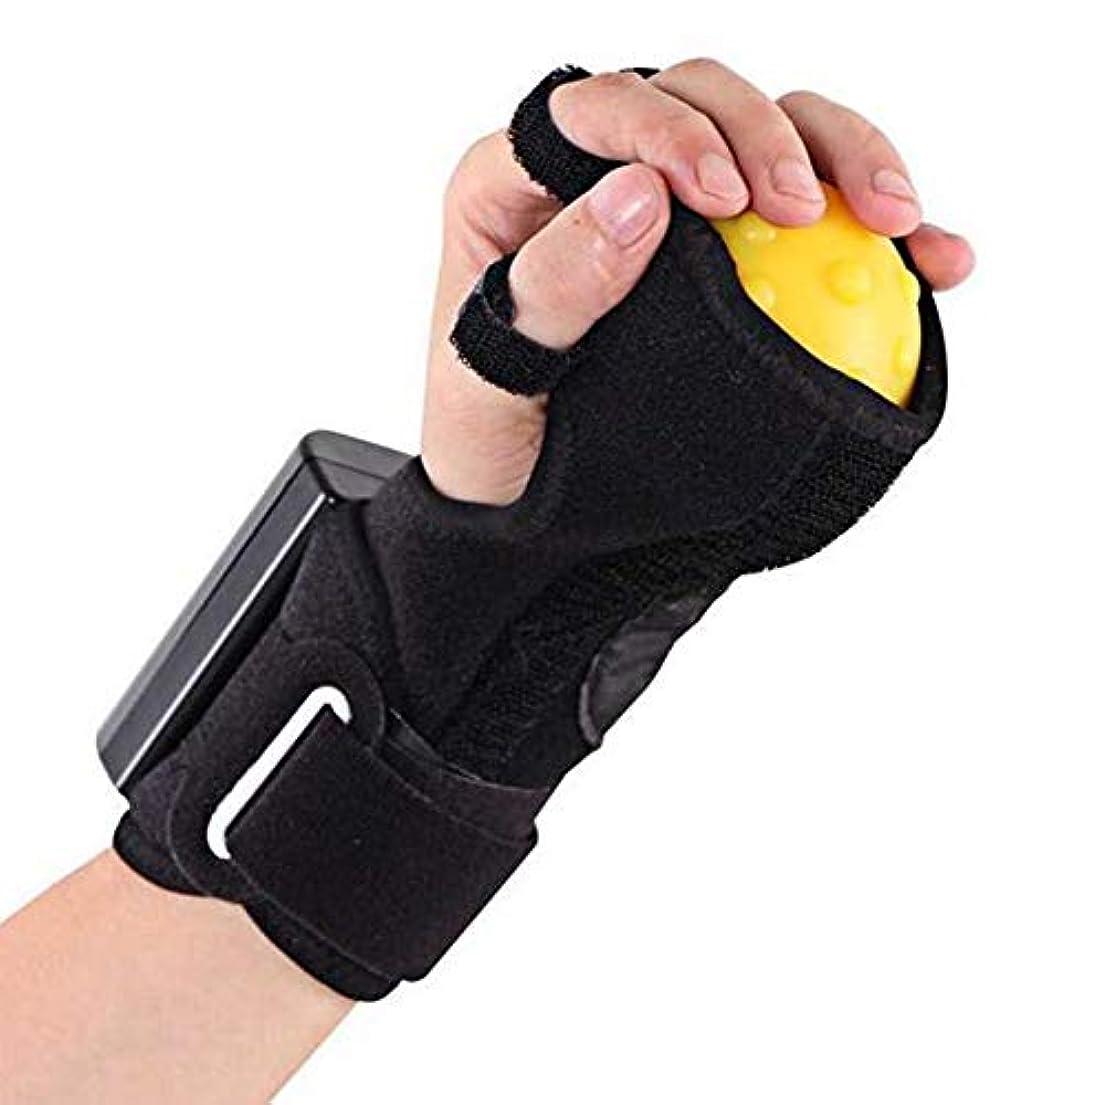 結晶ジャンプアームストロング電動ハンドマッサージボールホットコンプレッサーと抗痙攣ボール有料指圧装置スプリント片麻痺の指回復マッサージ療法